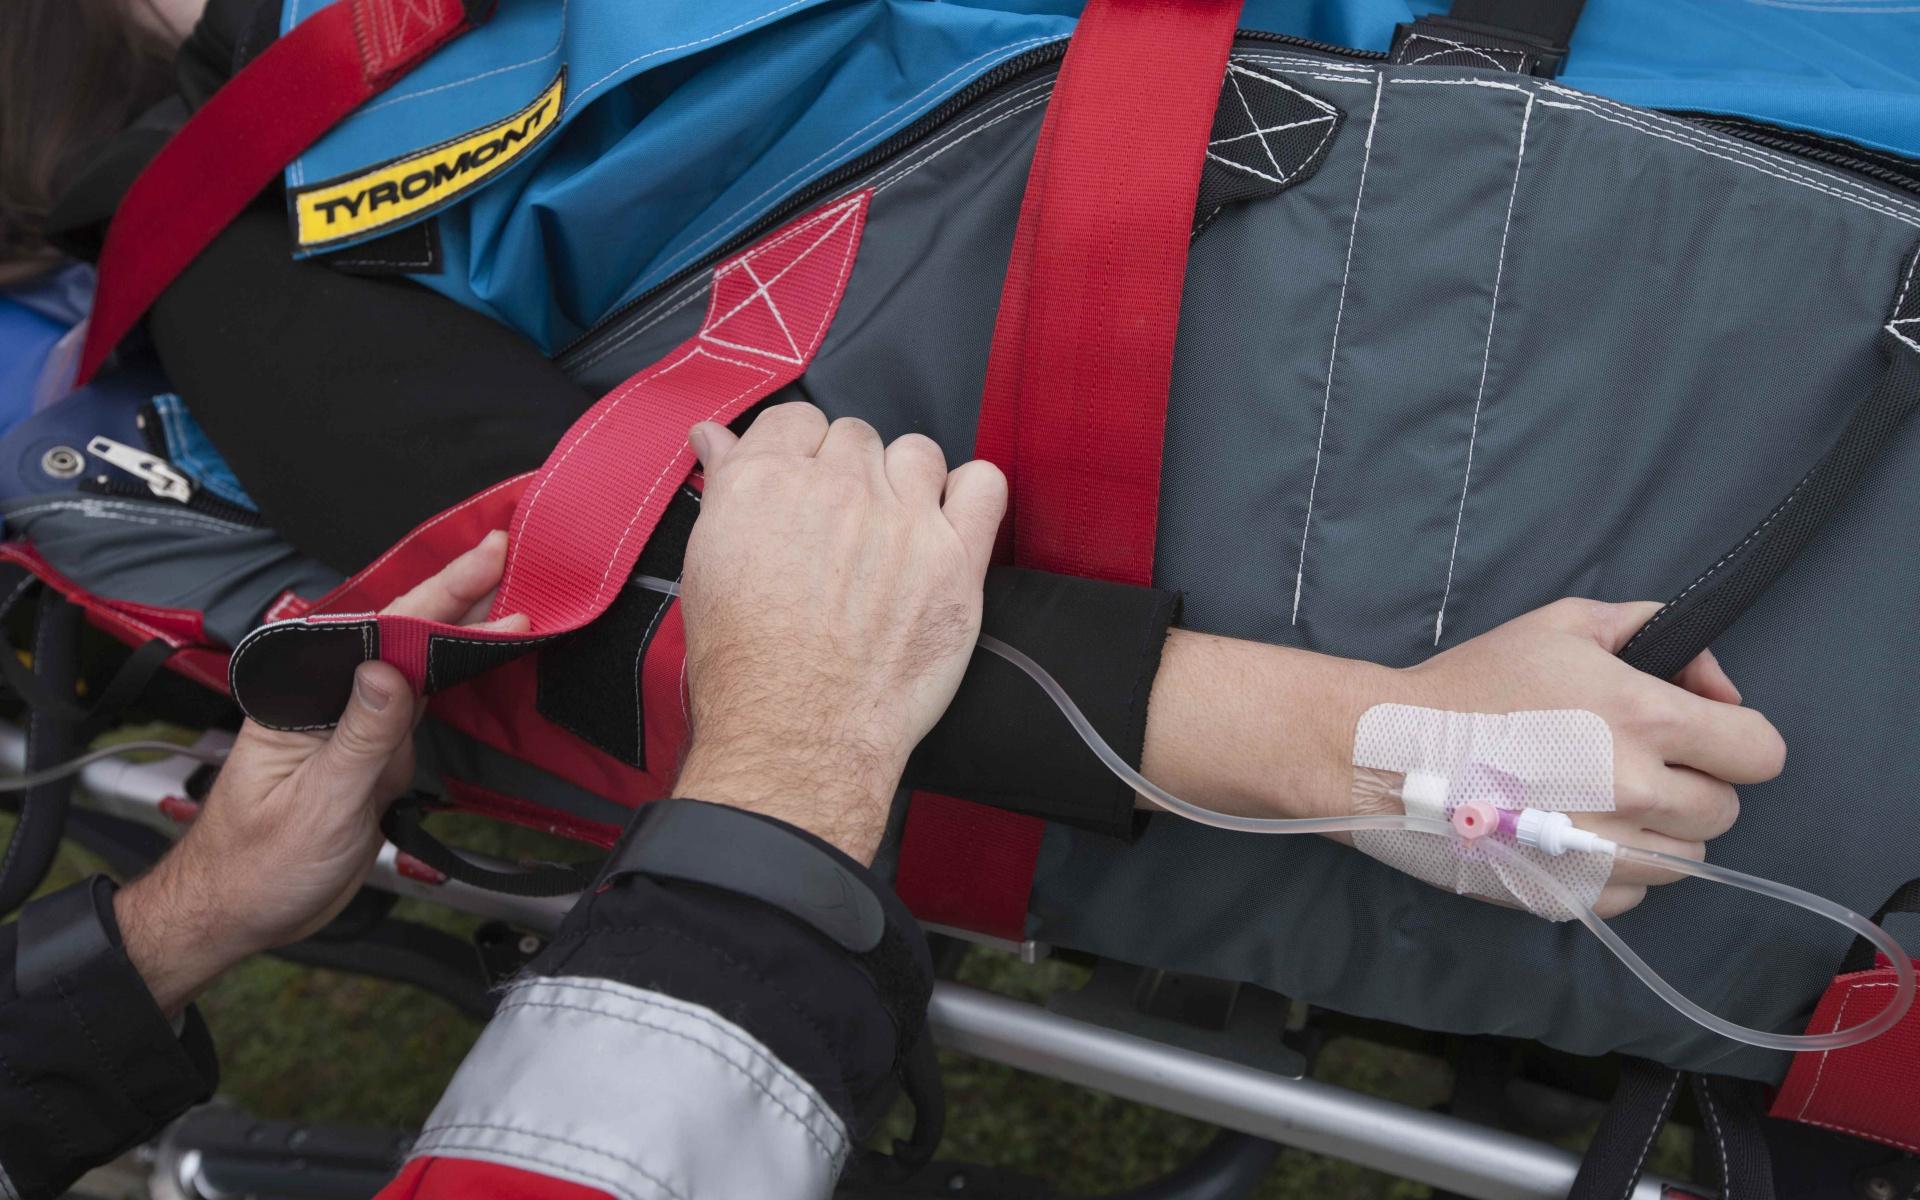 Über Infusionen am Arm erhalten die Patienten überlebenswichtige Medikamente. Deren Art und Zusammensetzung muss jeder Zeit angepasst werden können. Dank spezieller Gurte und Halterungen an der Thermo-Schutzhülle, kann der Arm außerhalb der Hülle sicher fixiert und gelagert werden. So werden die Patienten optimal versorgt.